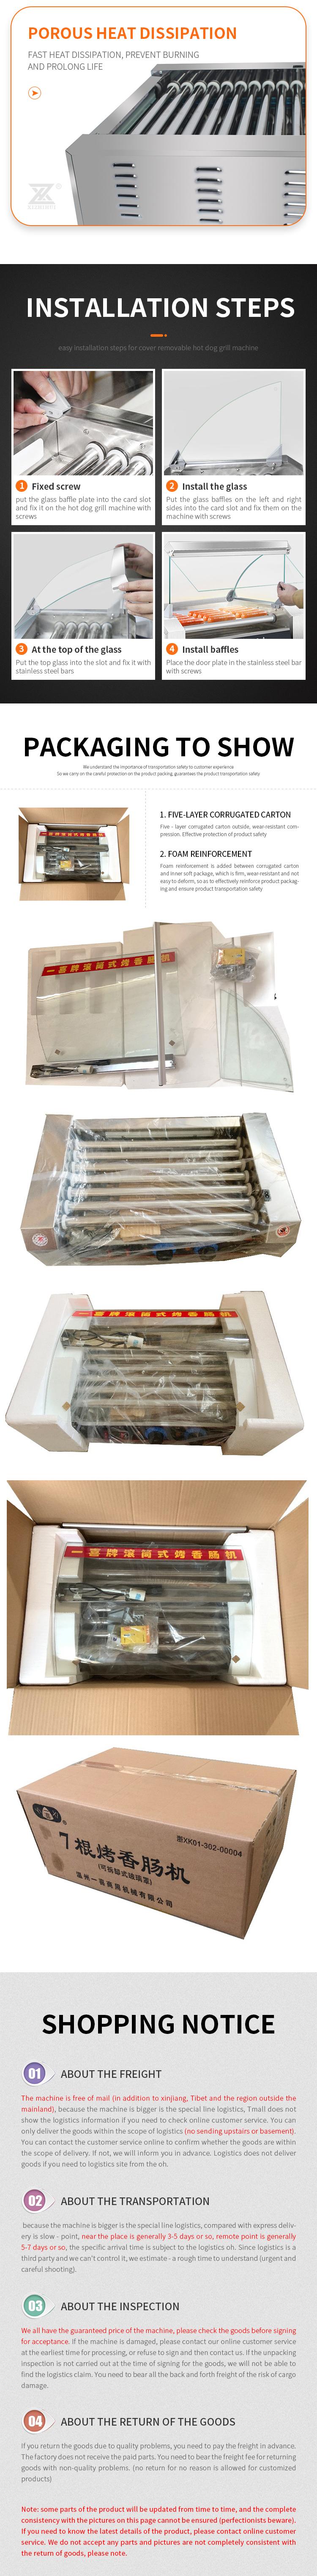 Hot koop Nieuwe ontwerp 7 rollers Hot dog Grill met glas cover